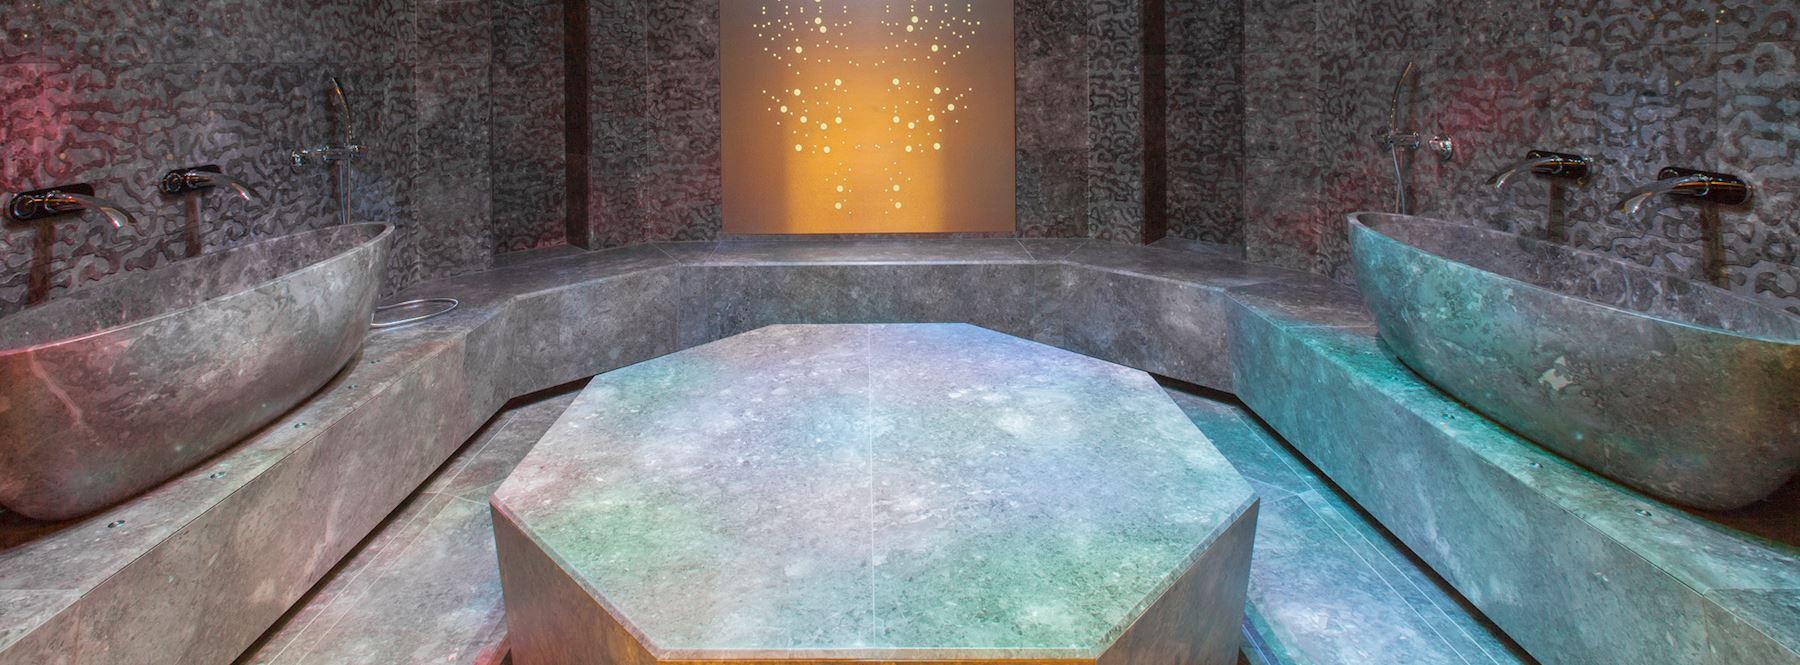 La fontana di ghiaccio è una perfetta esperienza termica dopo